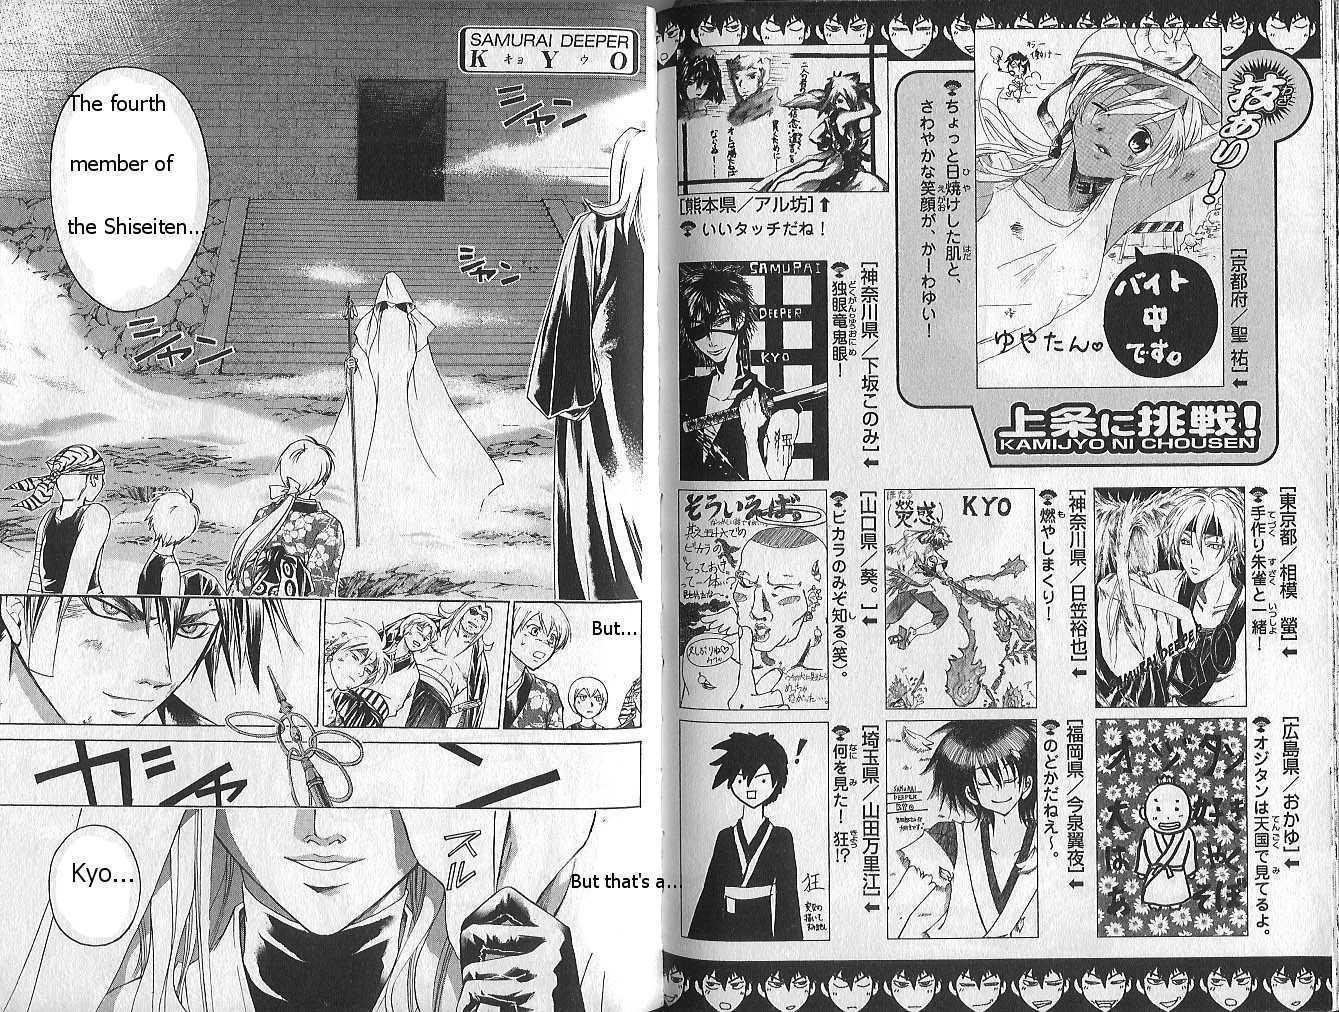 Samurai Deeper Kyo 176 Page 1